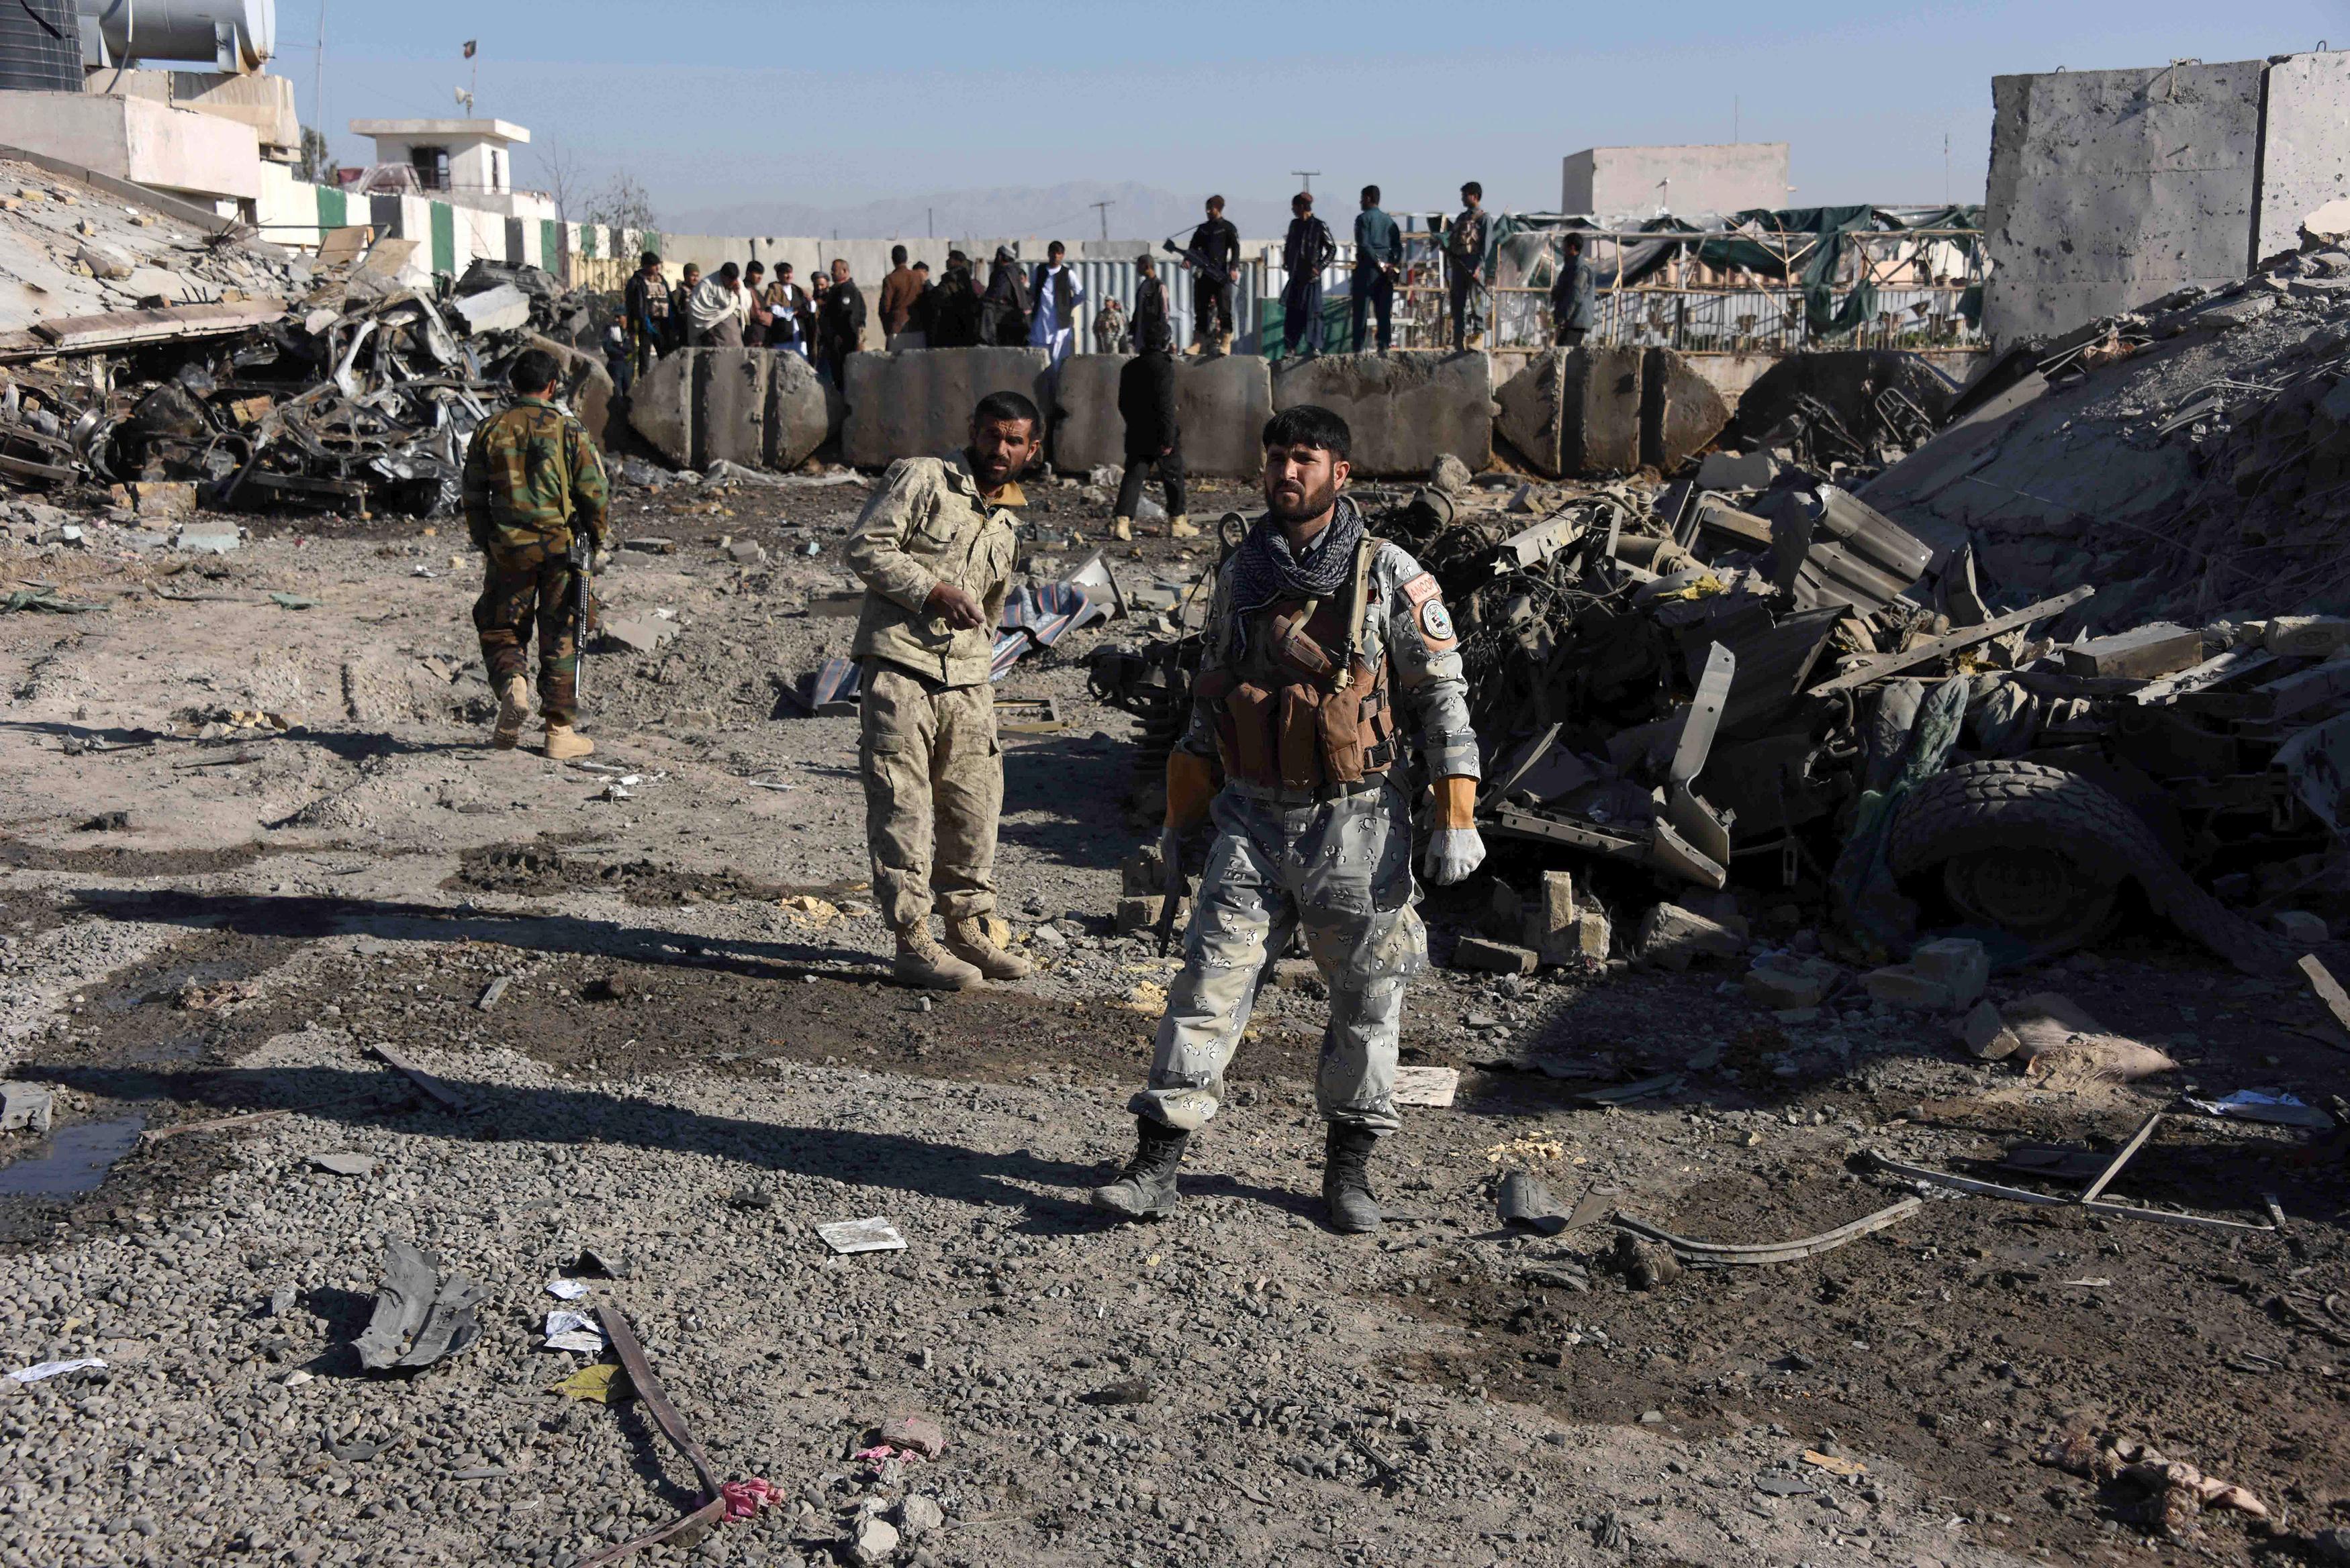 طالبان در یک حمله انتحاری مقر پولیس یک ولسوالی در قندهار را هدف قرار دادند